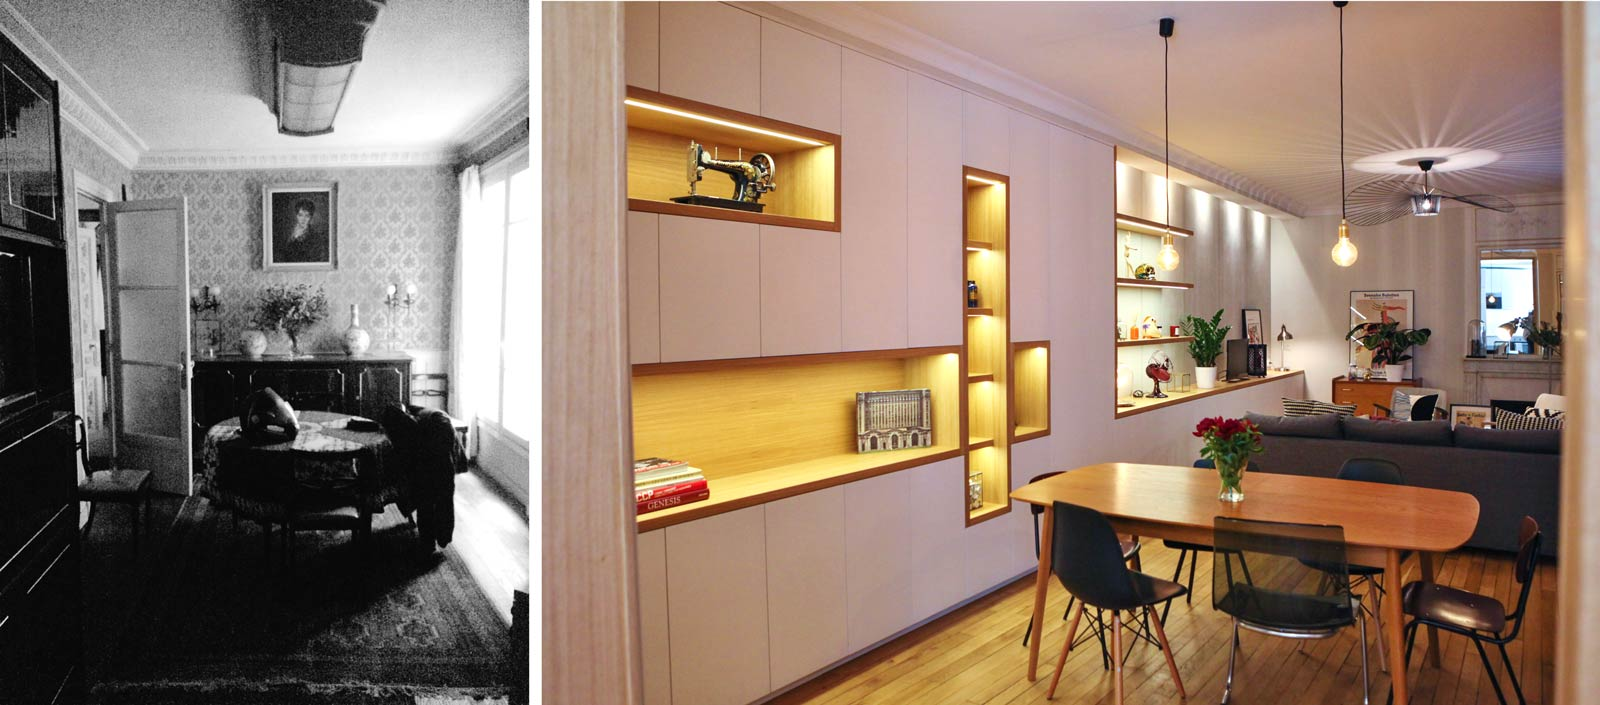 Relooking Appartement Avant Après avant-après : rénovation d'un appartement sombre en logement